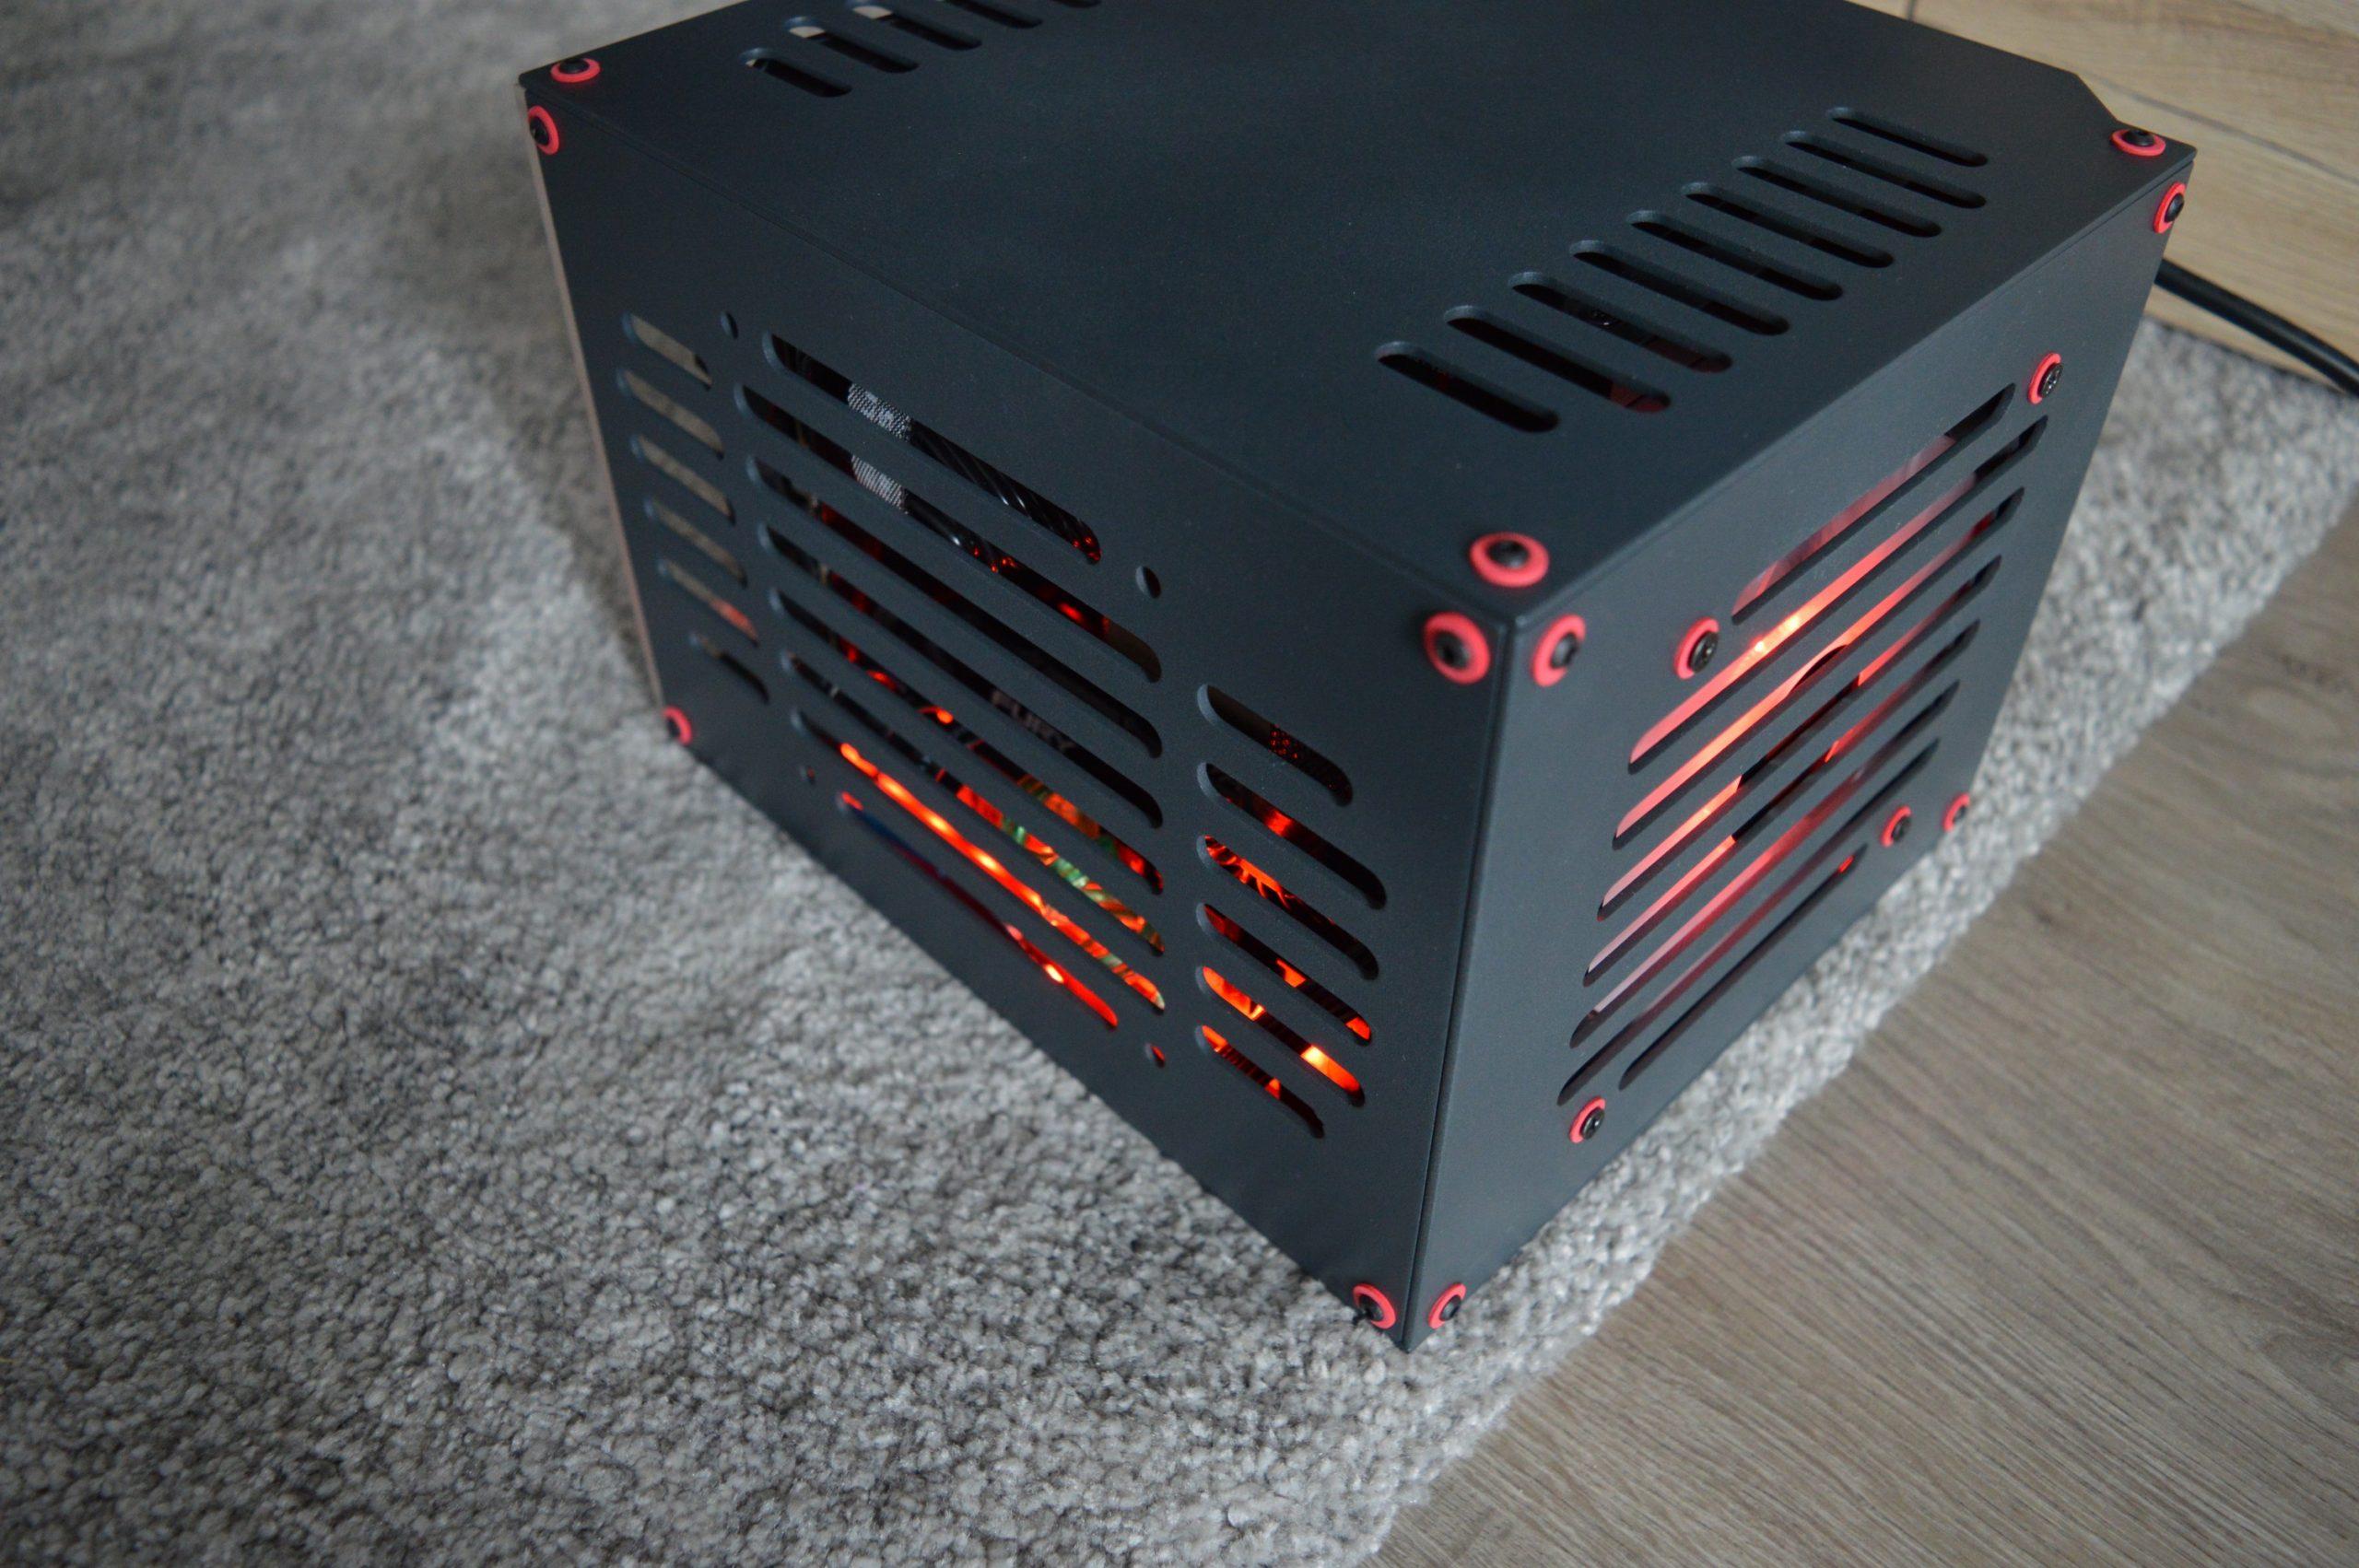 GTX 1070 RGB 15